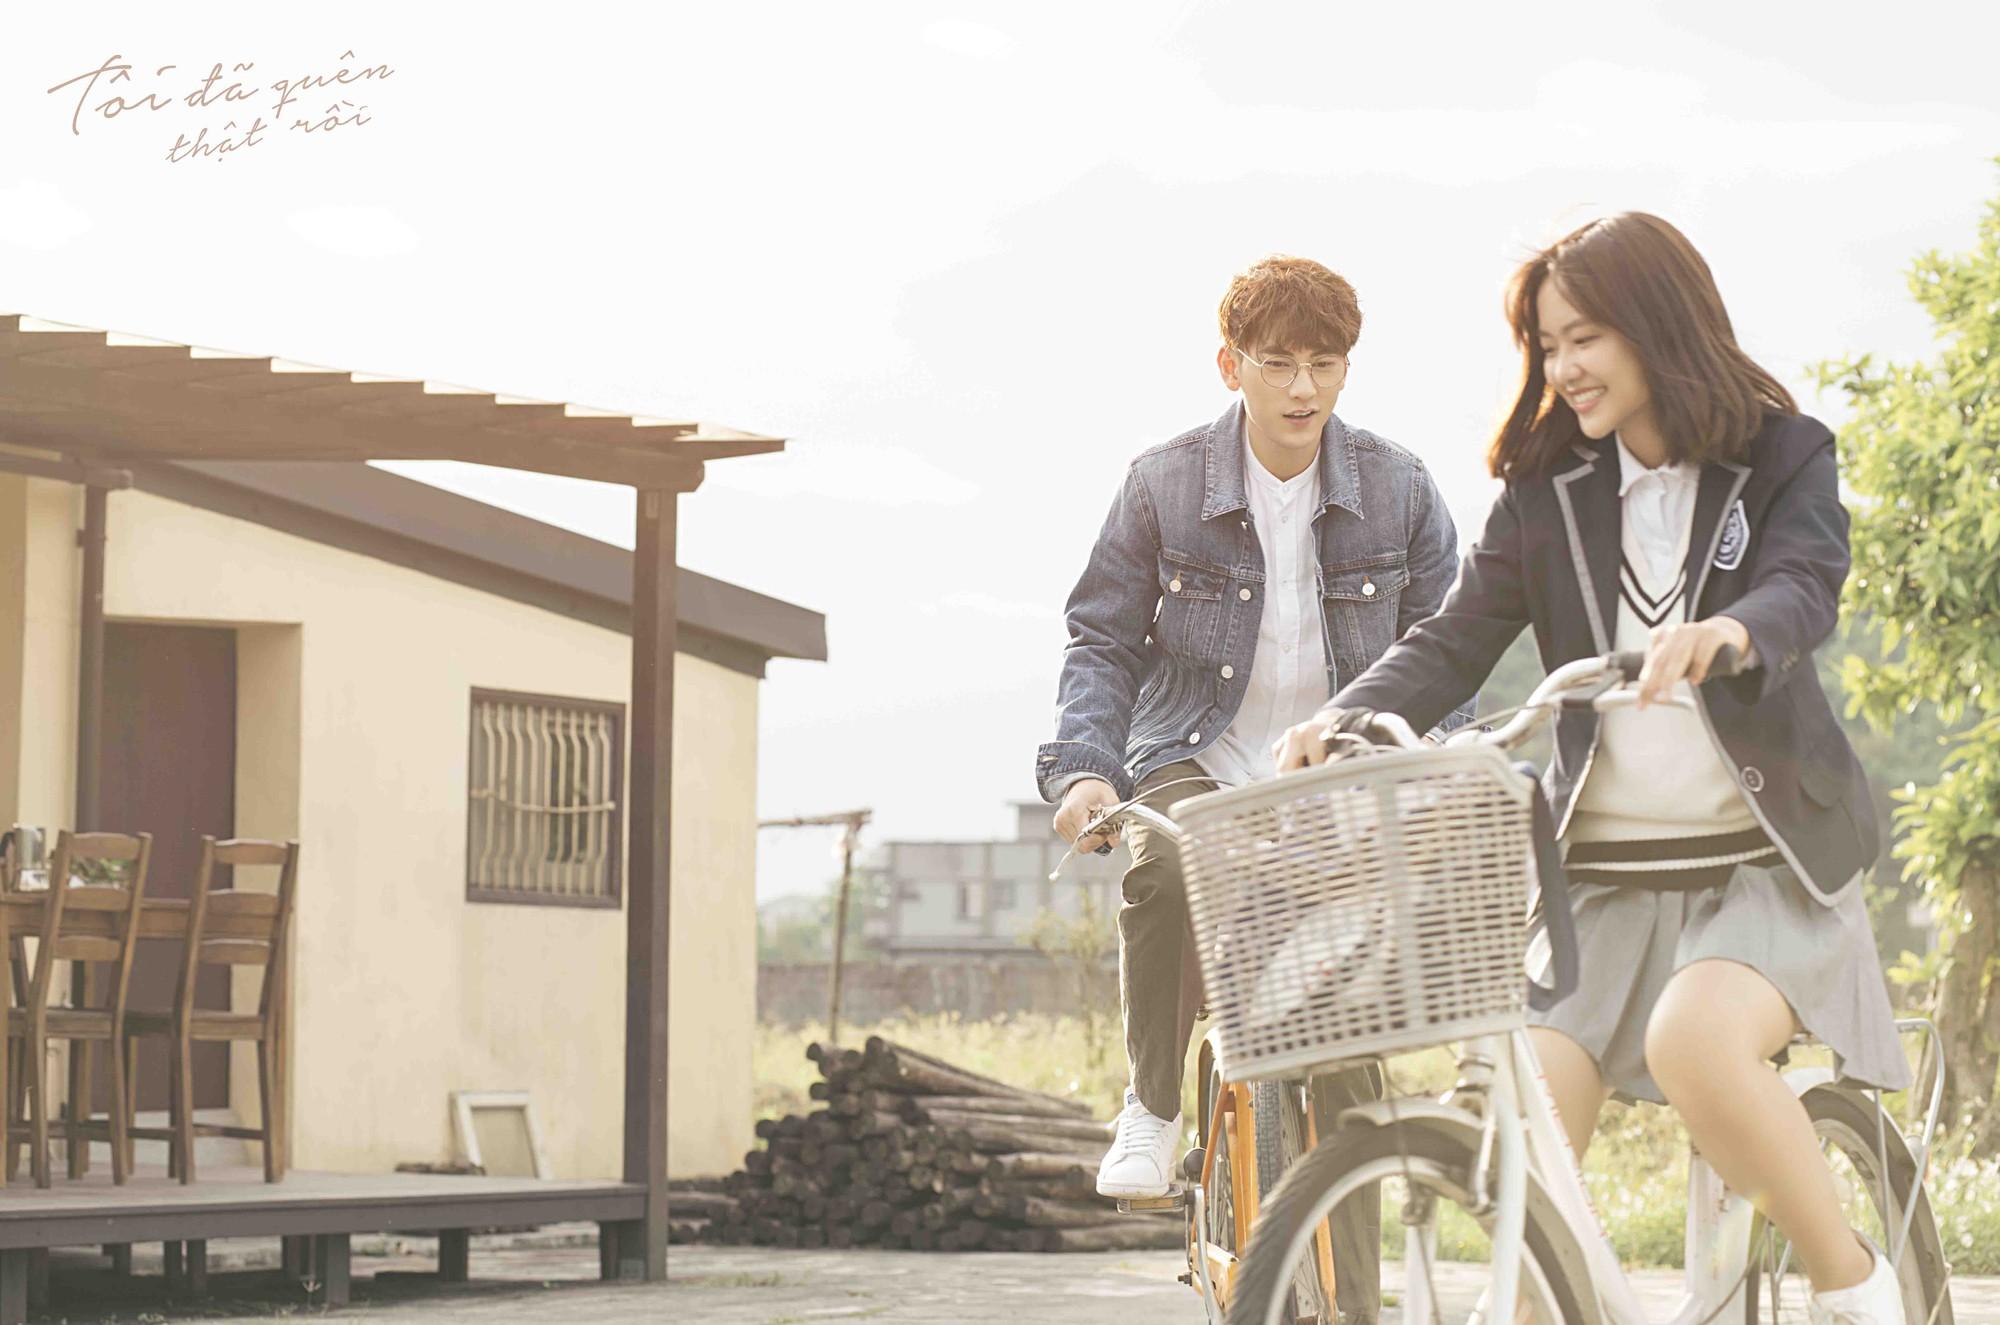 Isaac hoá thân ông chú cô đơn, hé lộ mối tình đũa lệch trong teaser MV mới - Ảnh 7.